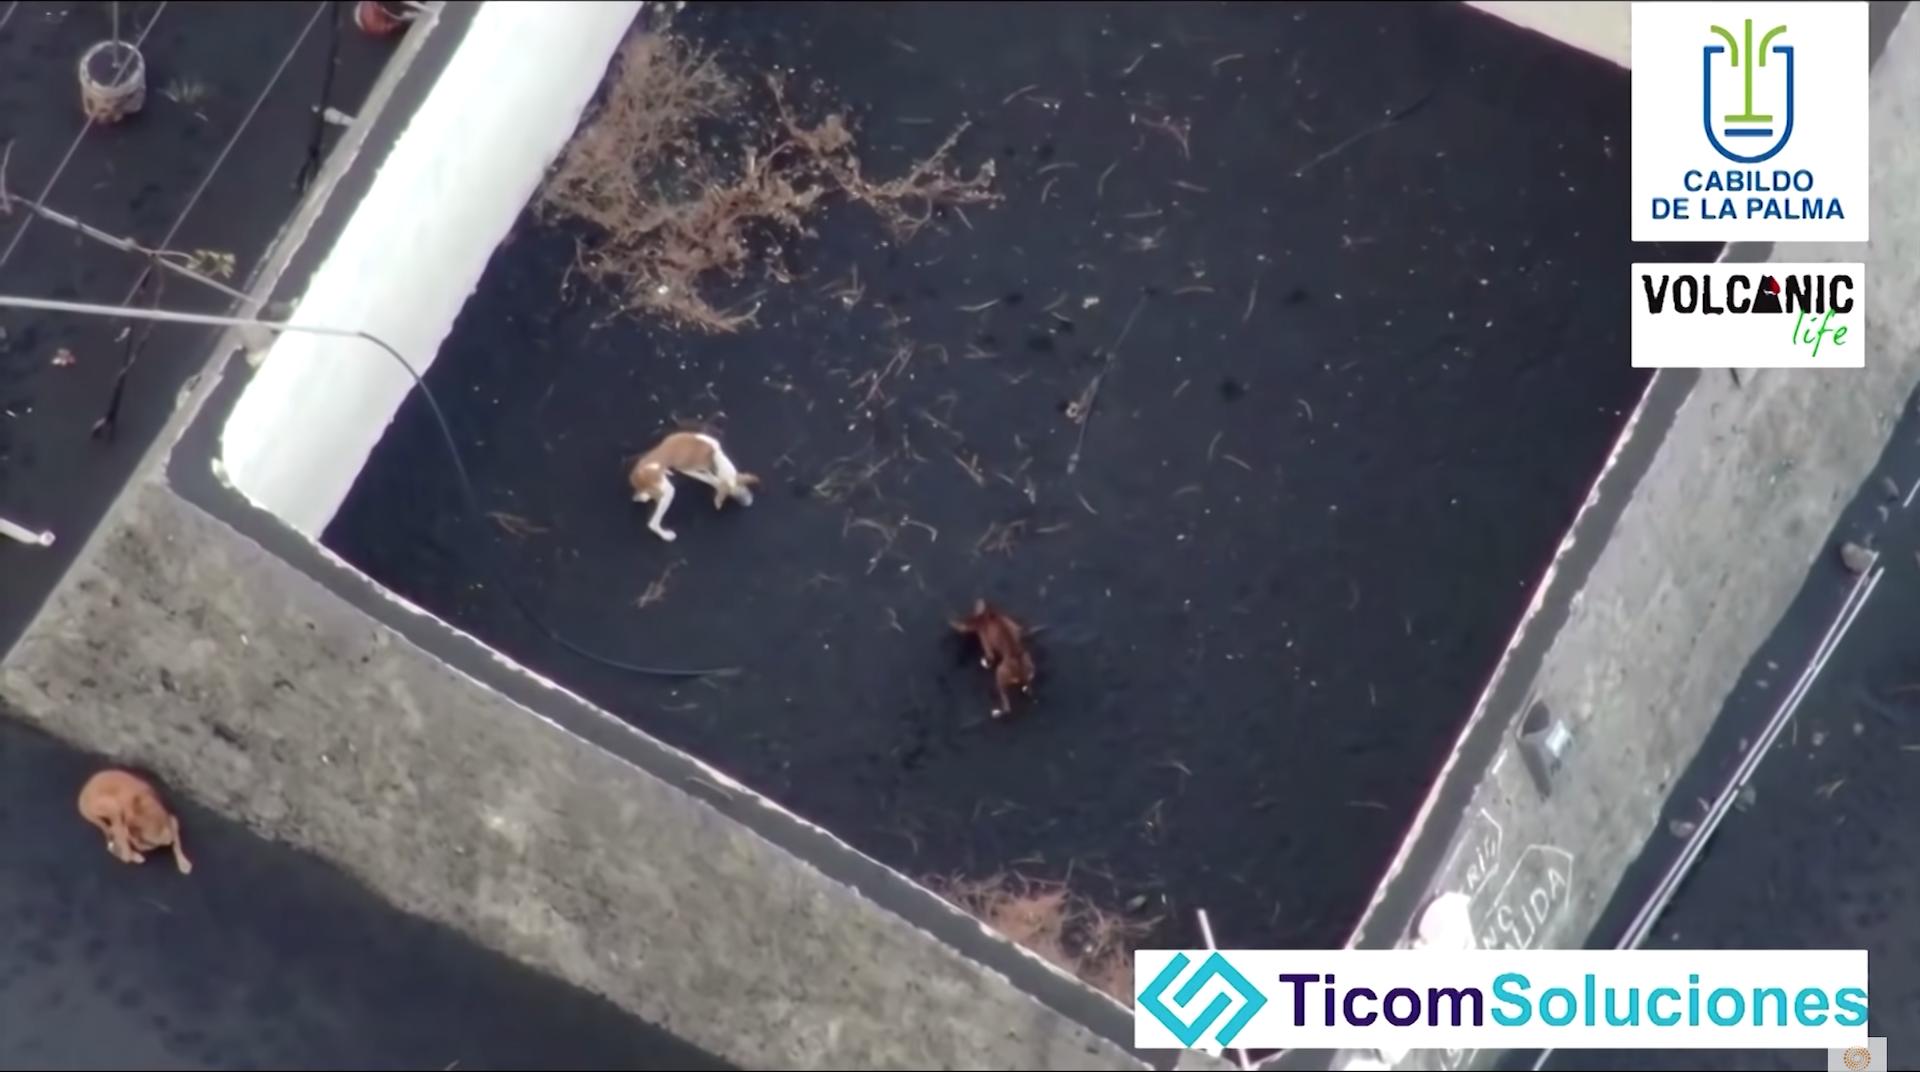 4 汪星人被困火山爆發災區 民間發起無人機「絕地救狗」行動